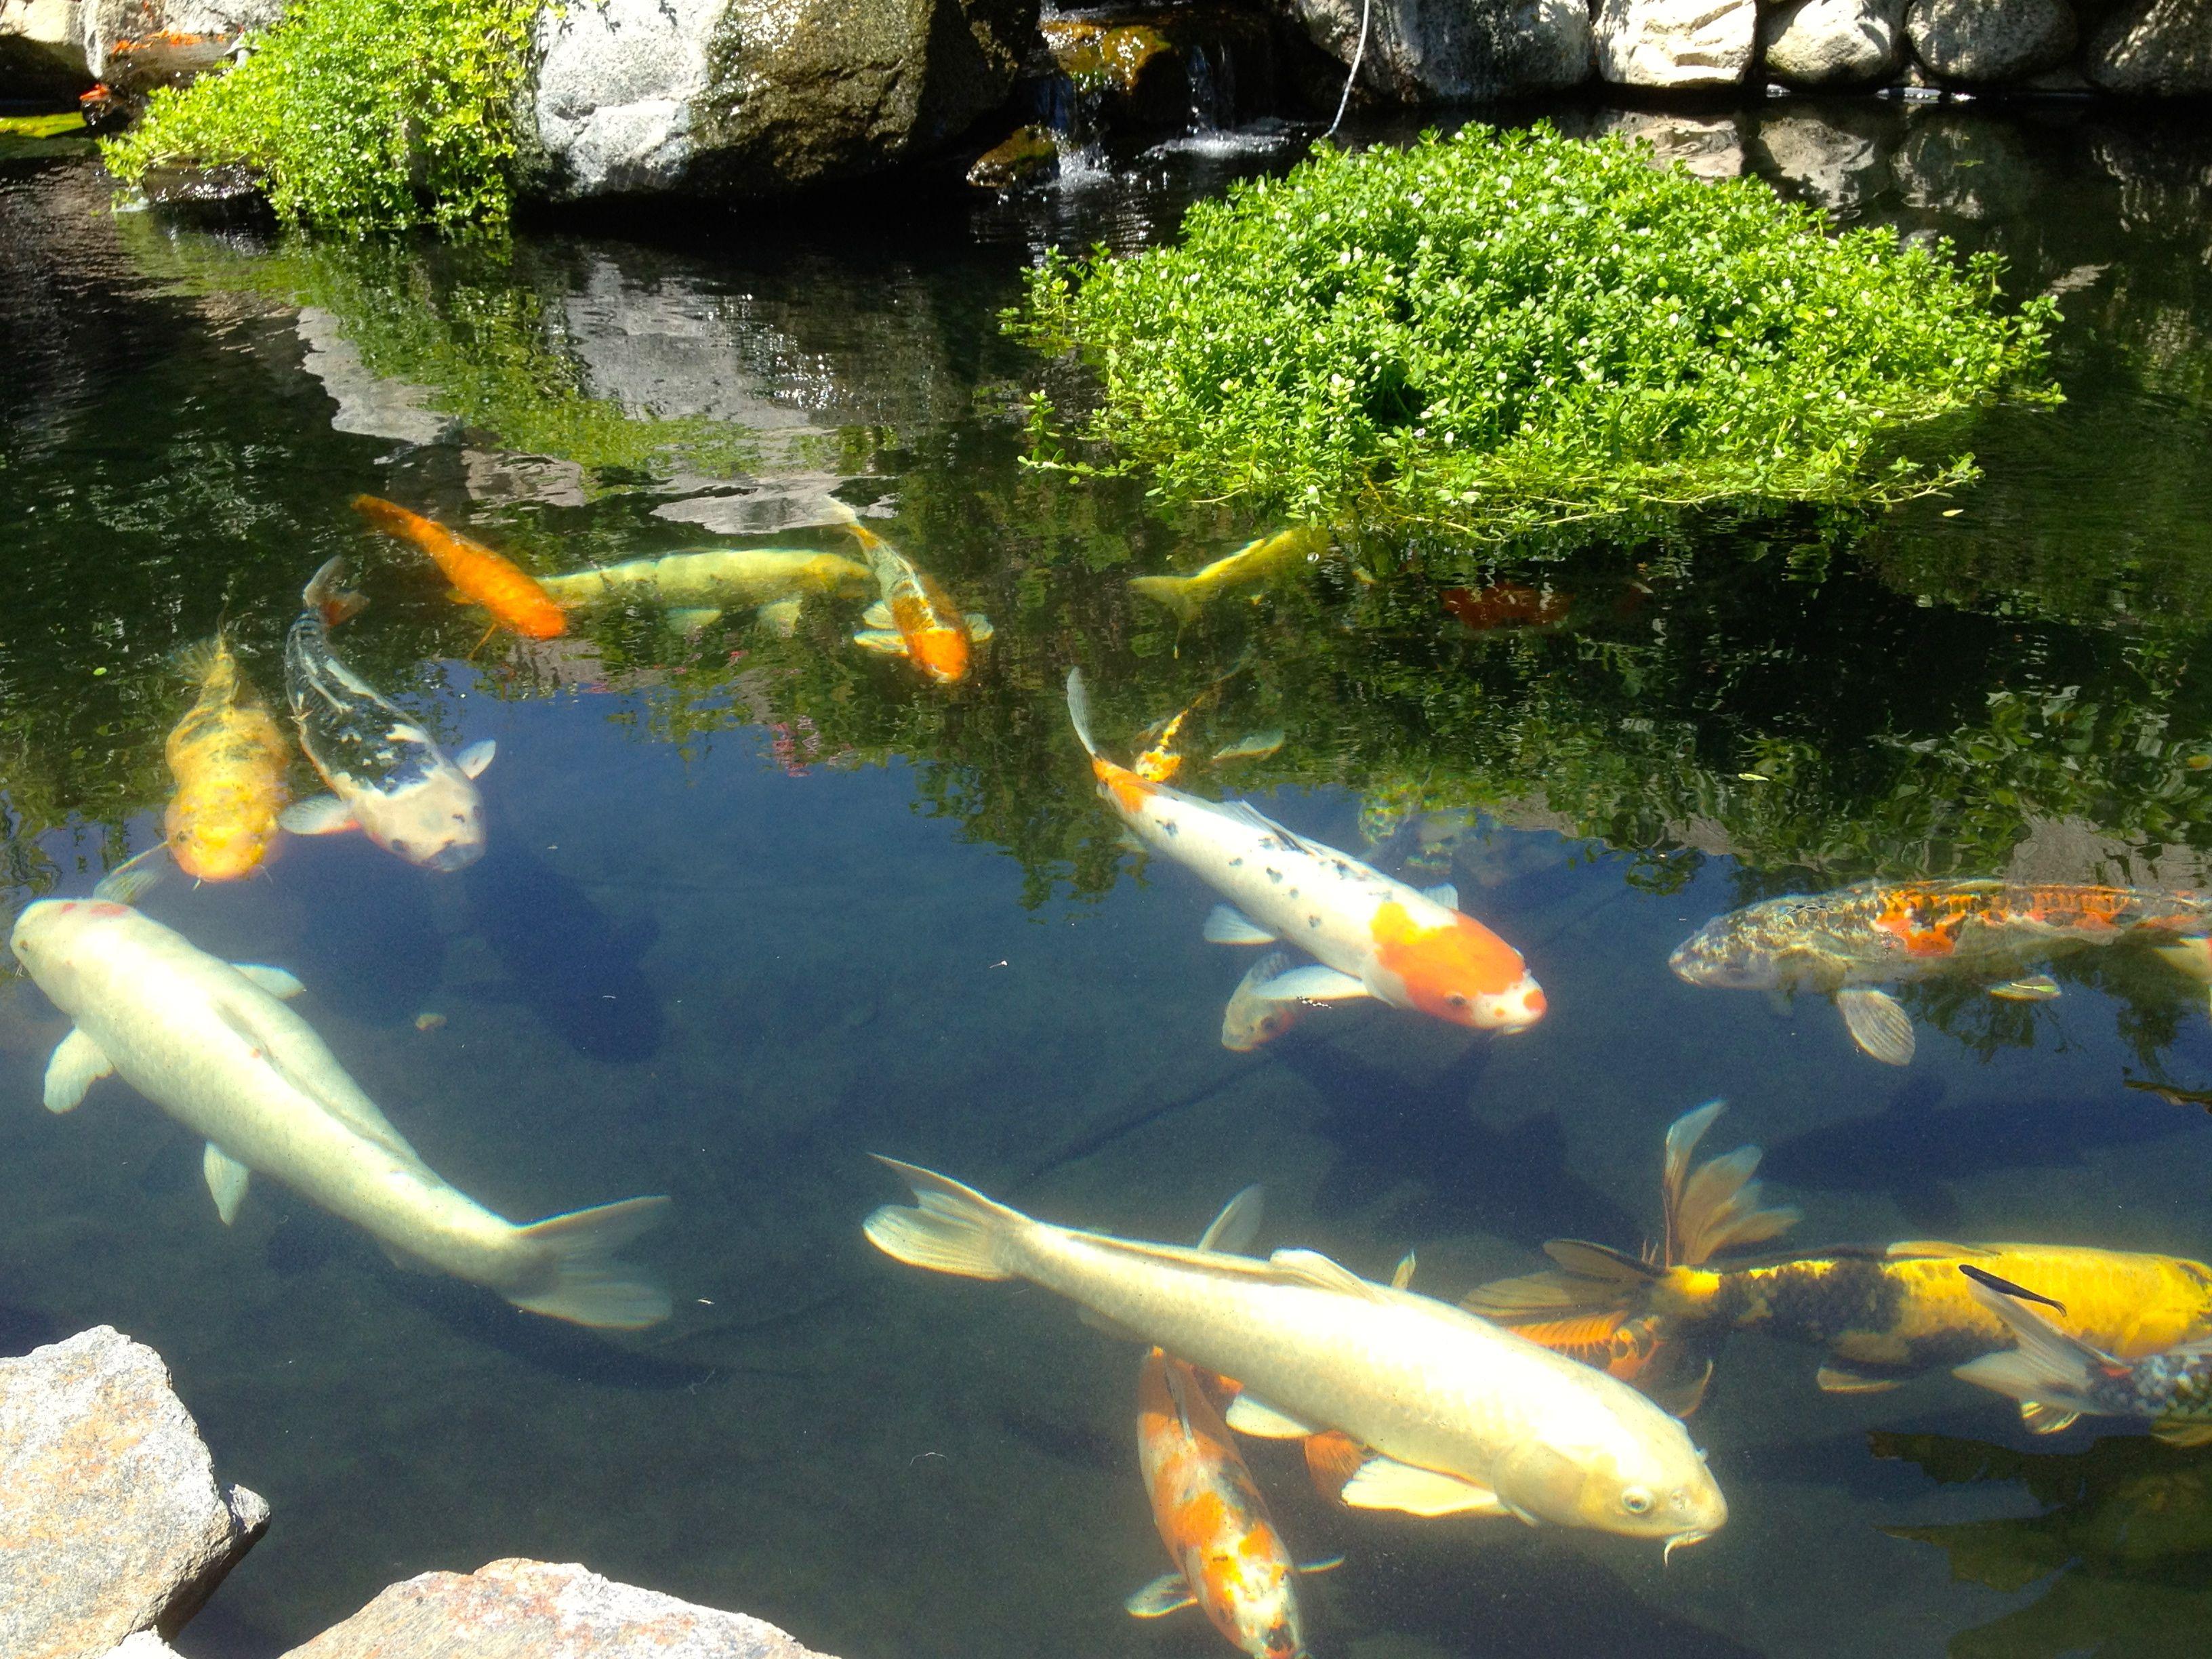 Back Yard Koi Pond Koi Koi Pond Koi Fish